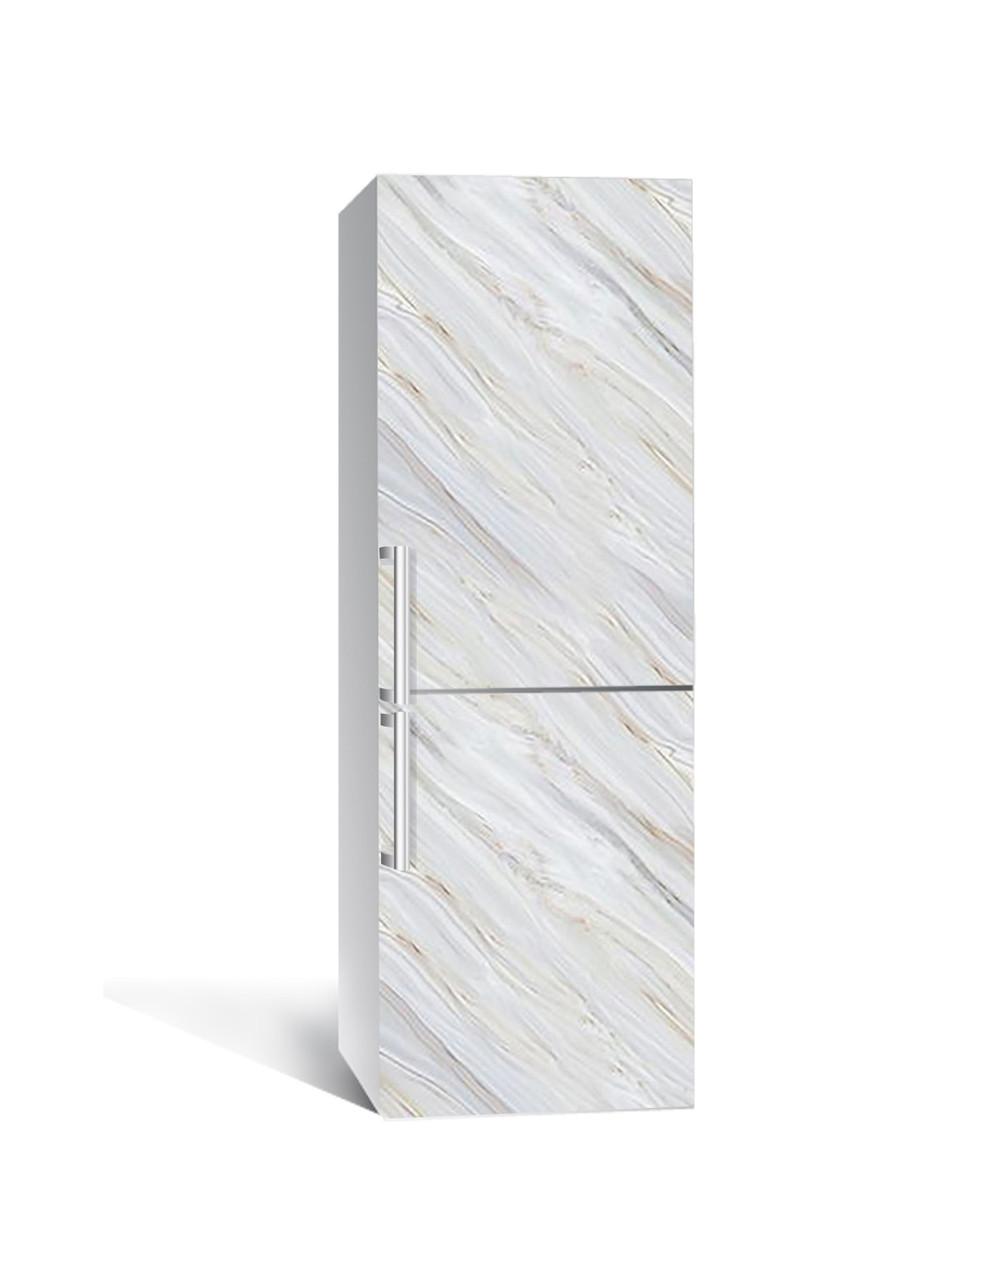 Вінілова наклейка на холодильник 3Д Сірий Камінь Мармур (плівка ПВХ фотодрук) 65*200см Текстура Сірий